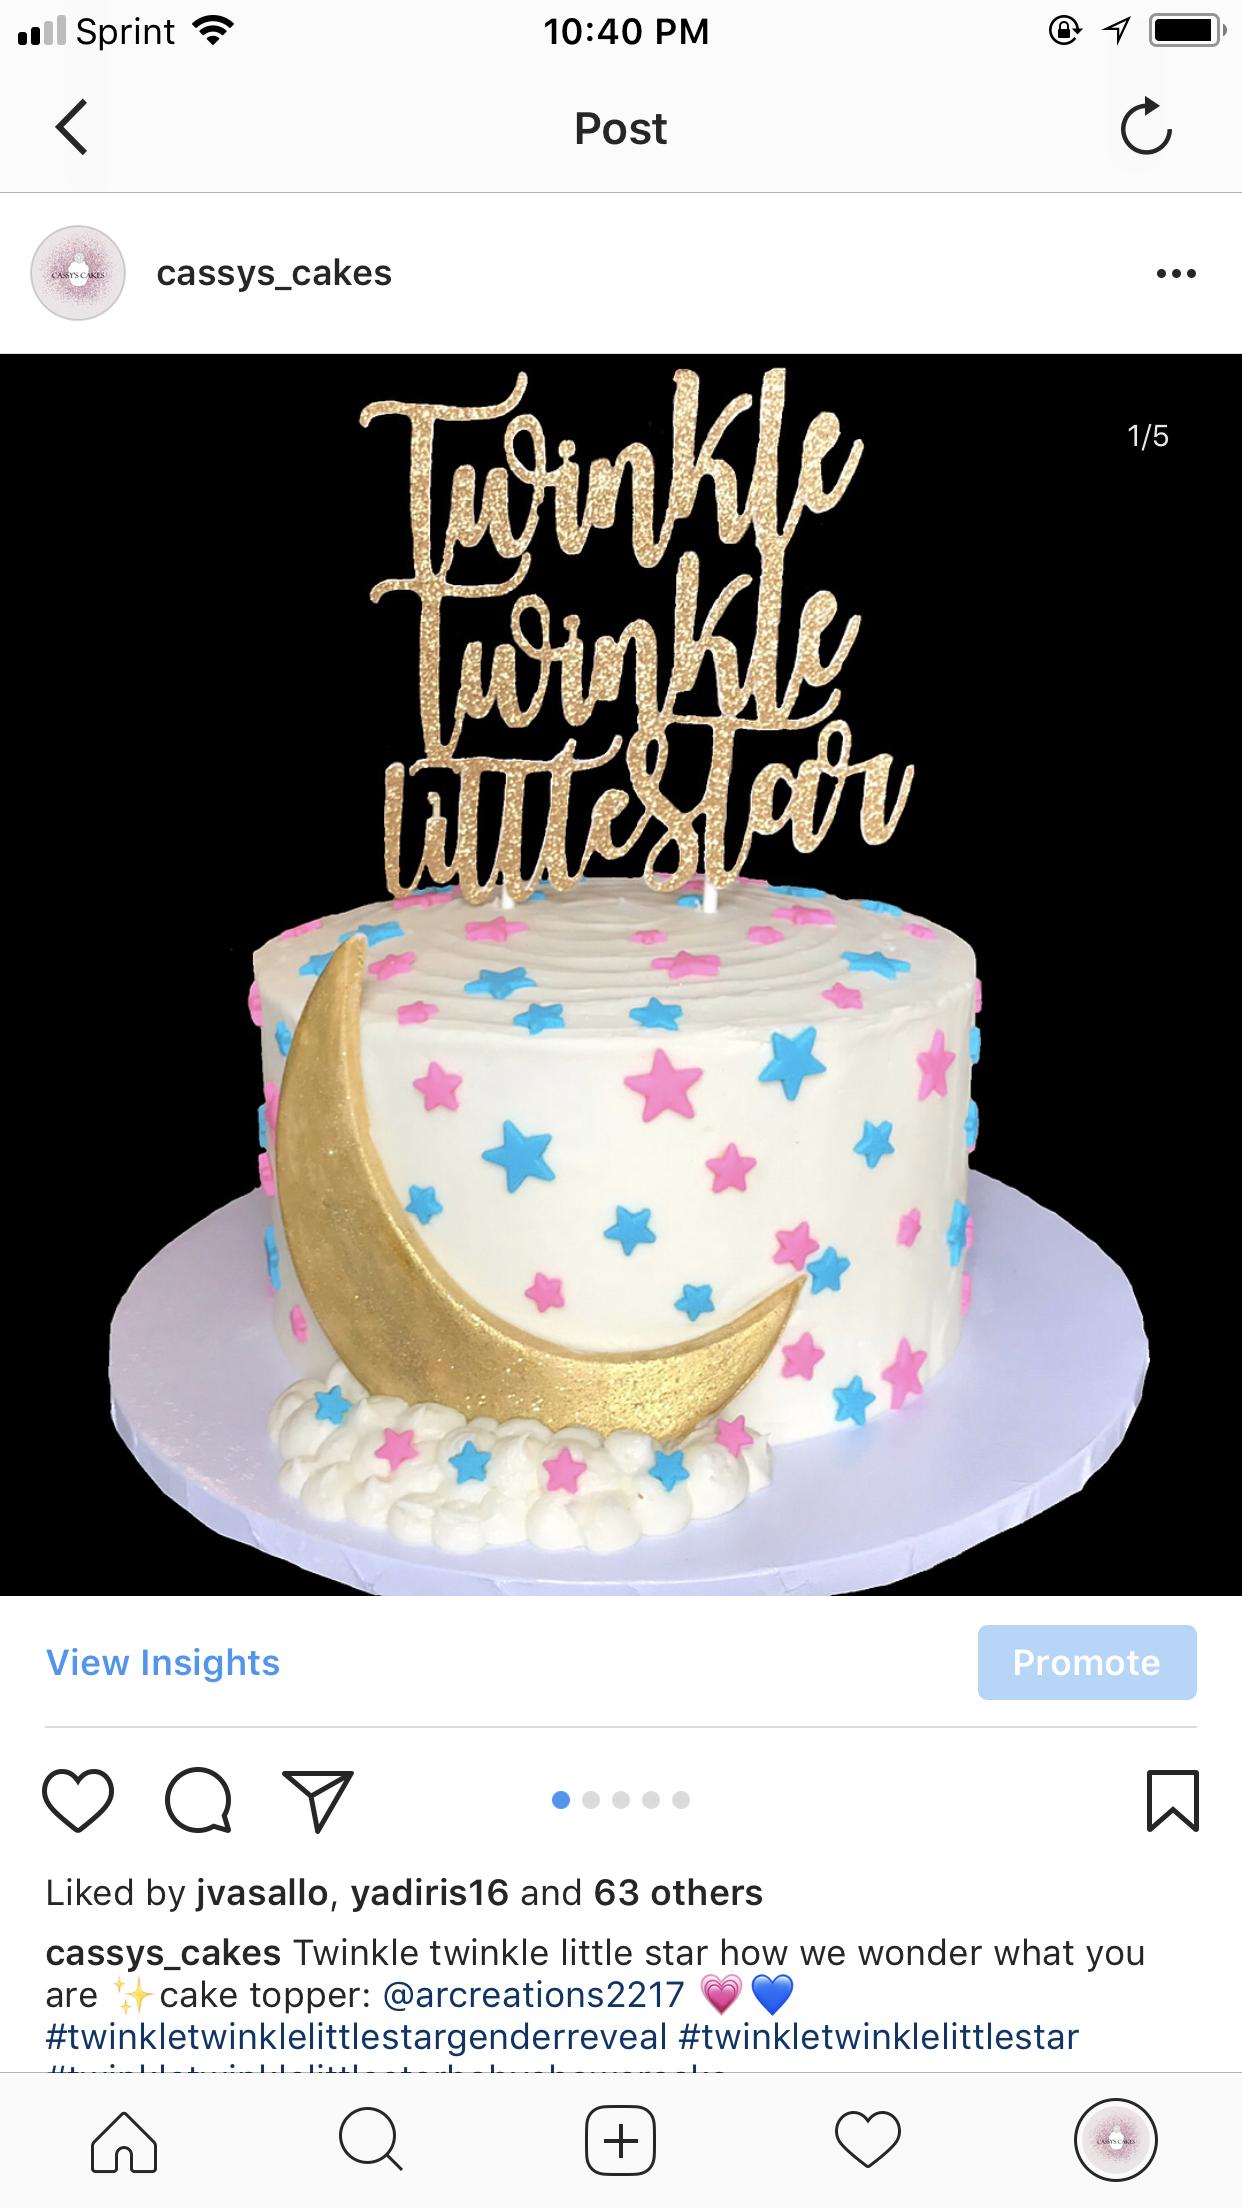 Gender Reveal Gender Reveal Cake Gender Reveal Party Gender Reveal Cake Ideas Twinkle Gender Reveal Cake Baby Gender Reveal Party Baby Shower Gender Reveal